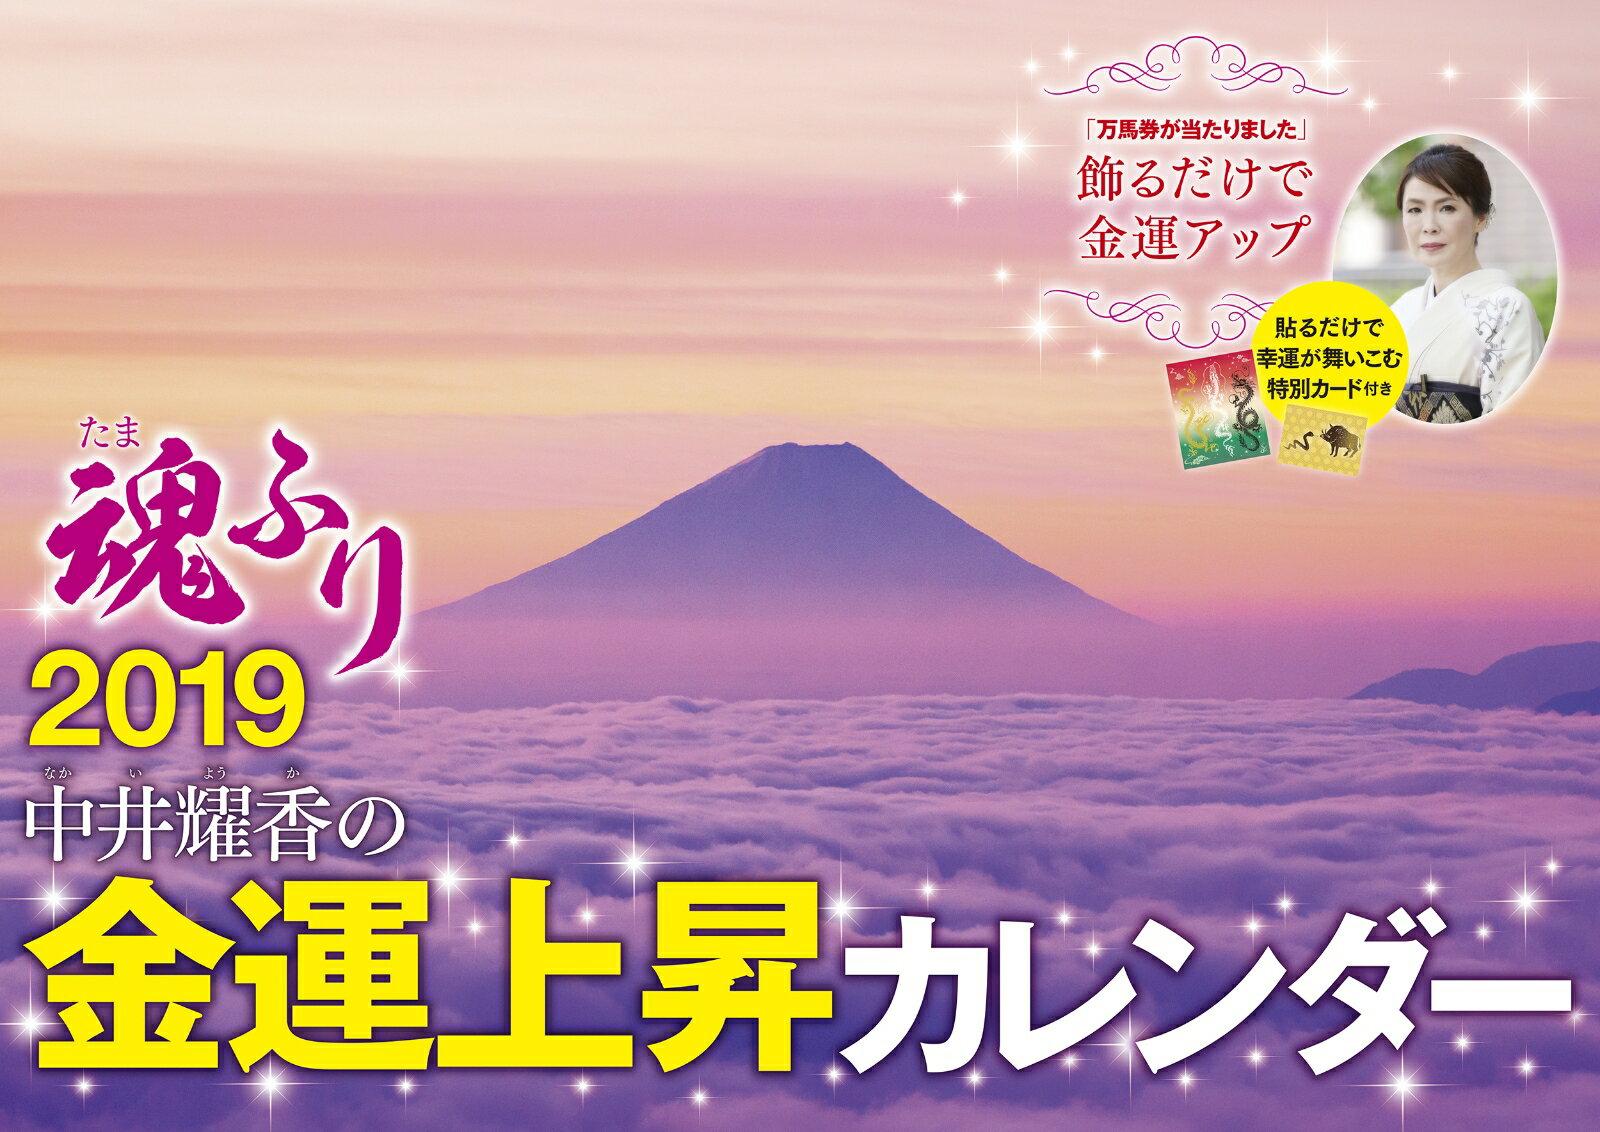 中井耀香の金運上昇カレンダー2019 魂ふり [ 中井 耀香 ]